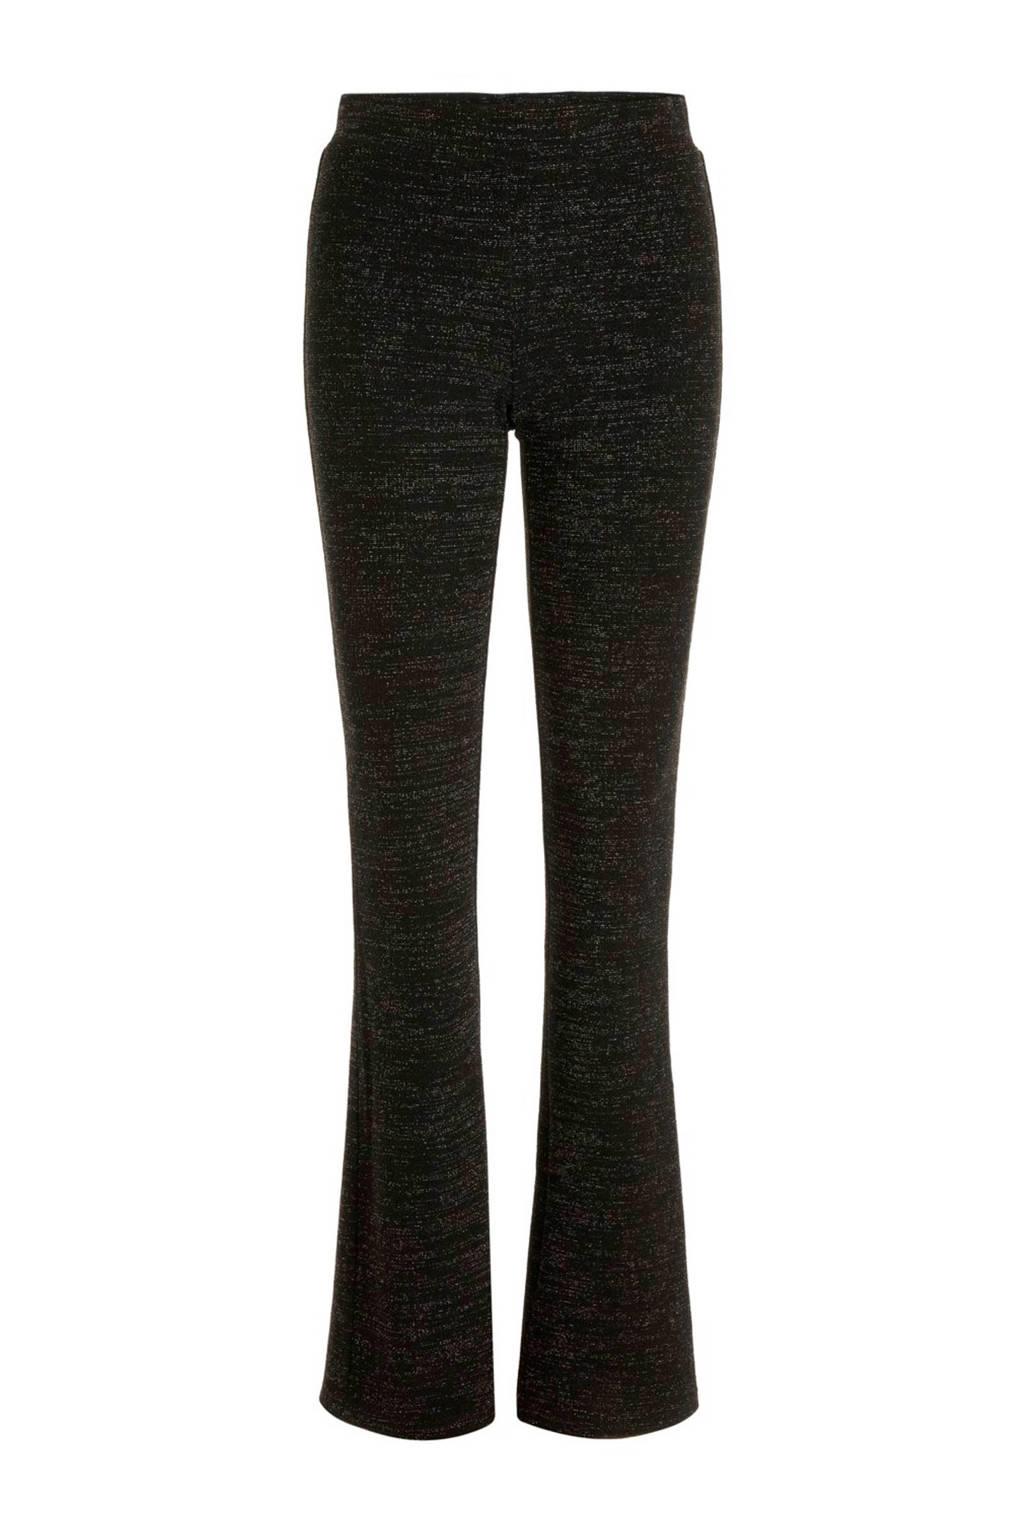 PIECES flared legging zwart, Zwart